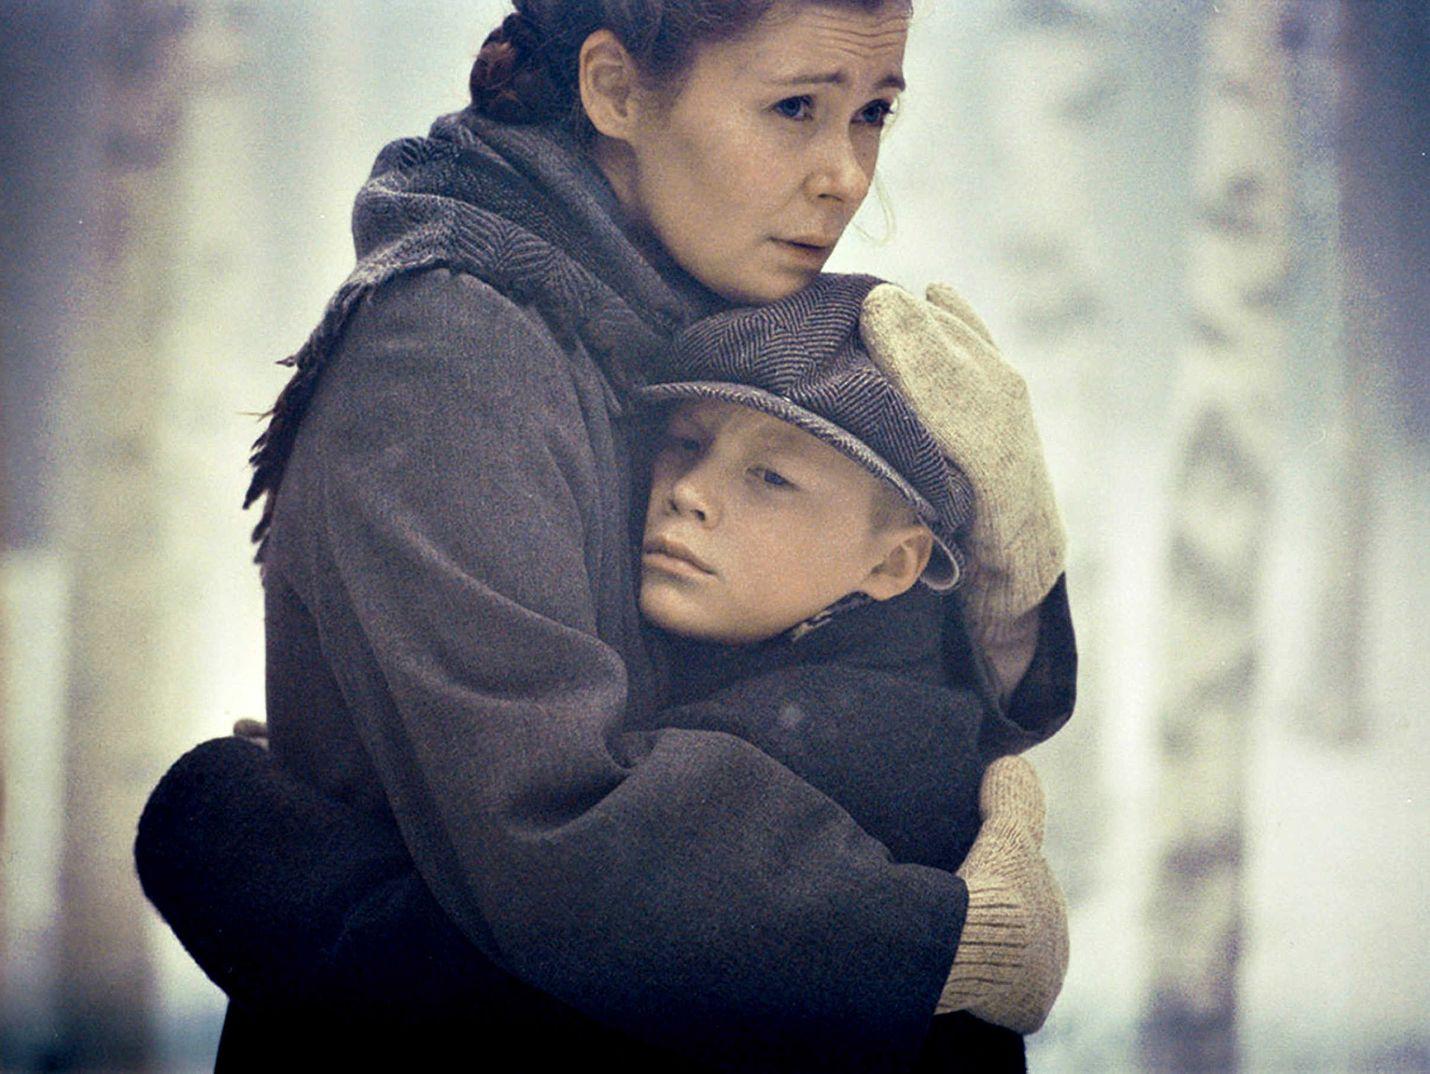 Eero (Topi Marjaniemi) lähetetään sotalapsena Ruotsiin tuntemattomaan maahan vieraiden ihmisten luo. Suomeen jää äiti (Marjaana Maijala).